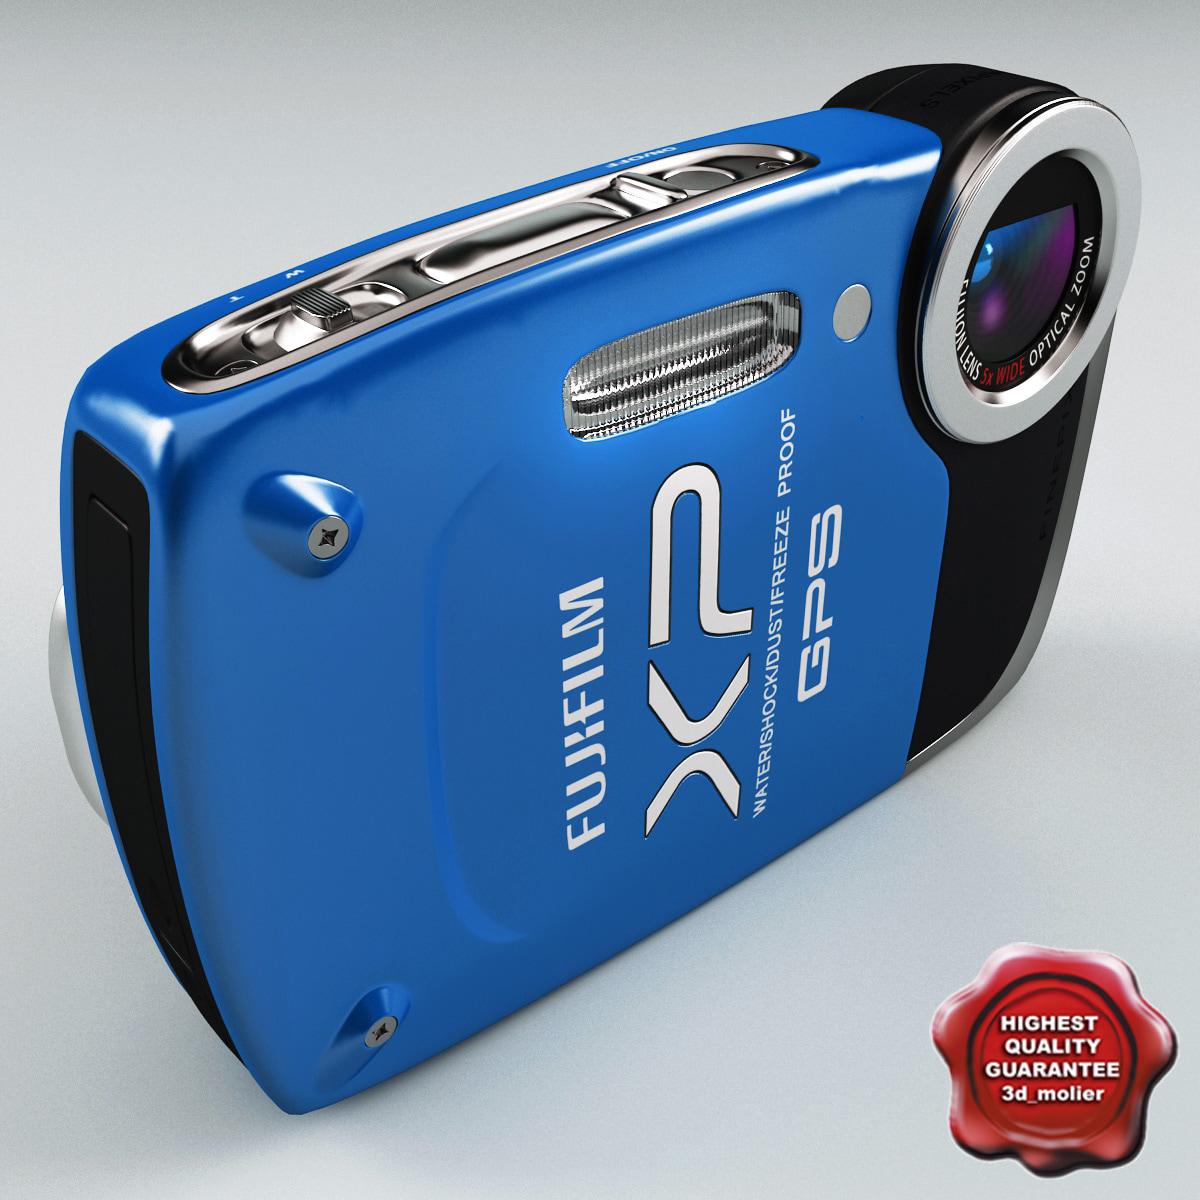 Fujifilm_FinePix_XP30_Blue_00.jpg